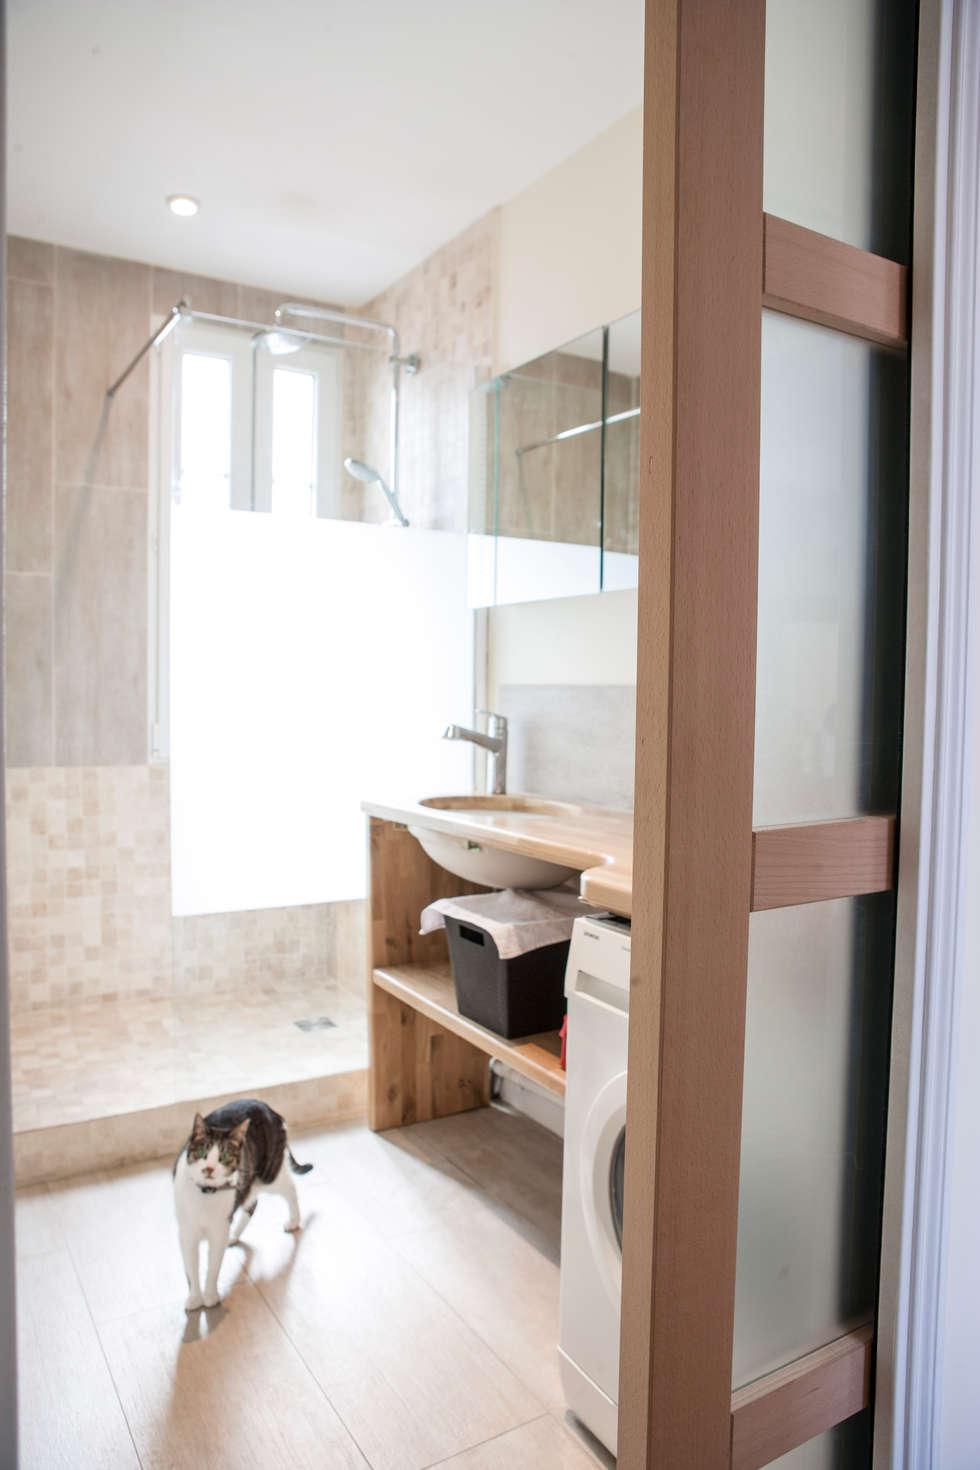 salle de bain 01: Salle de bains de style  par Olivier Olindo Architecte